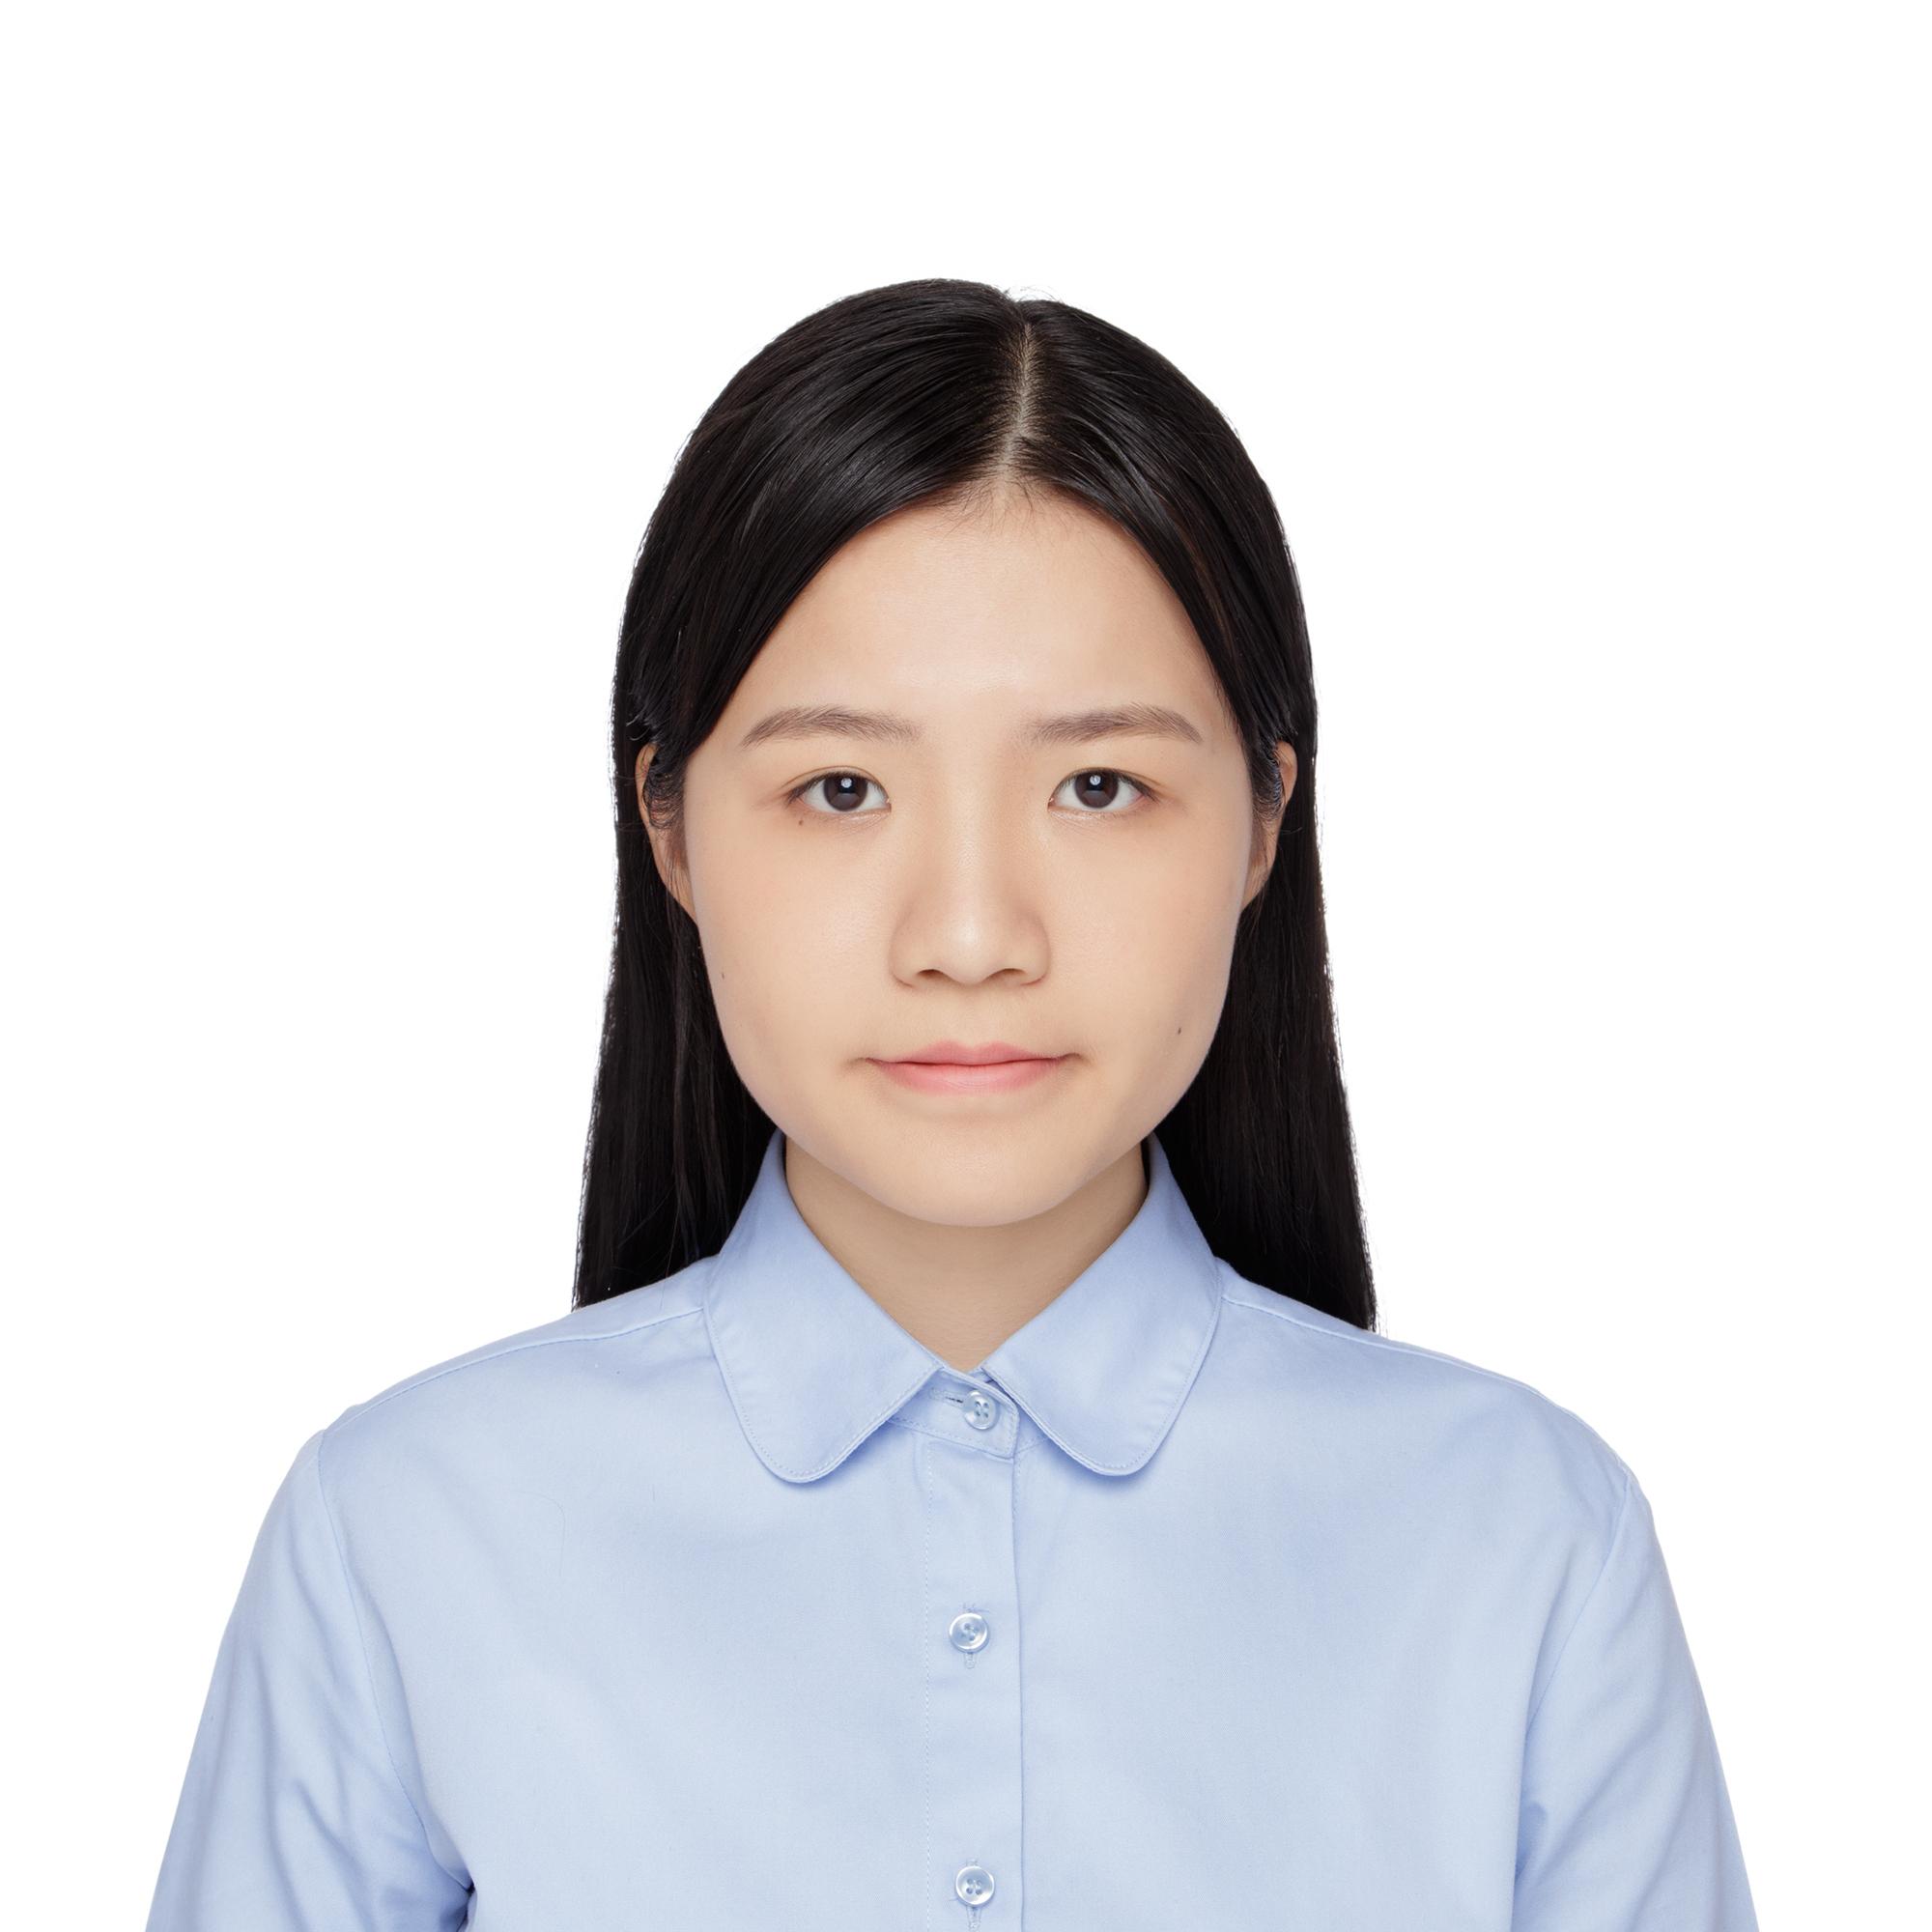 深圳家教c教员